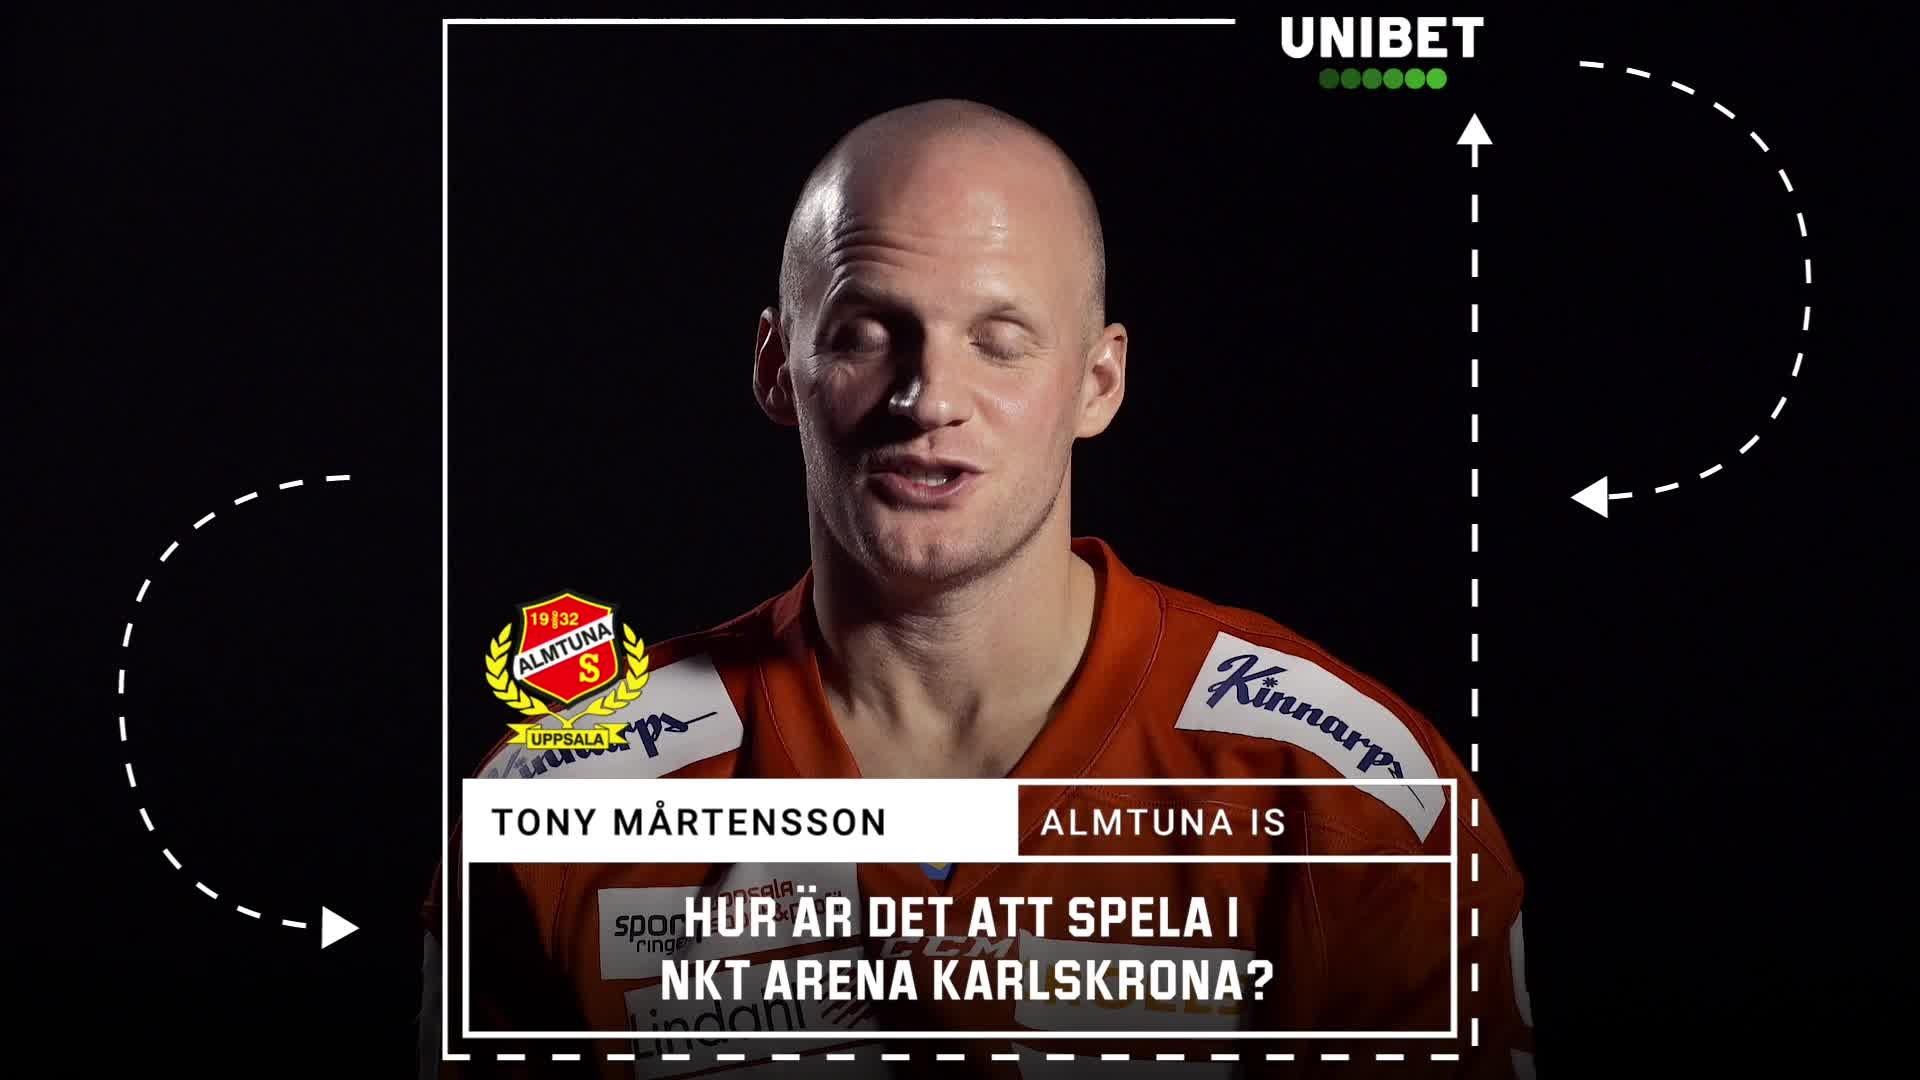 Tony Mårtensson om NKT Arena